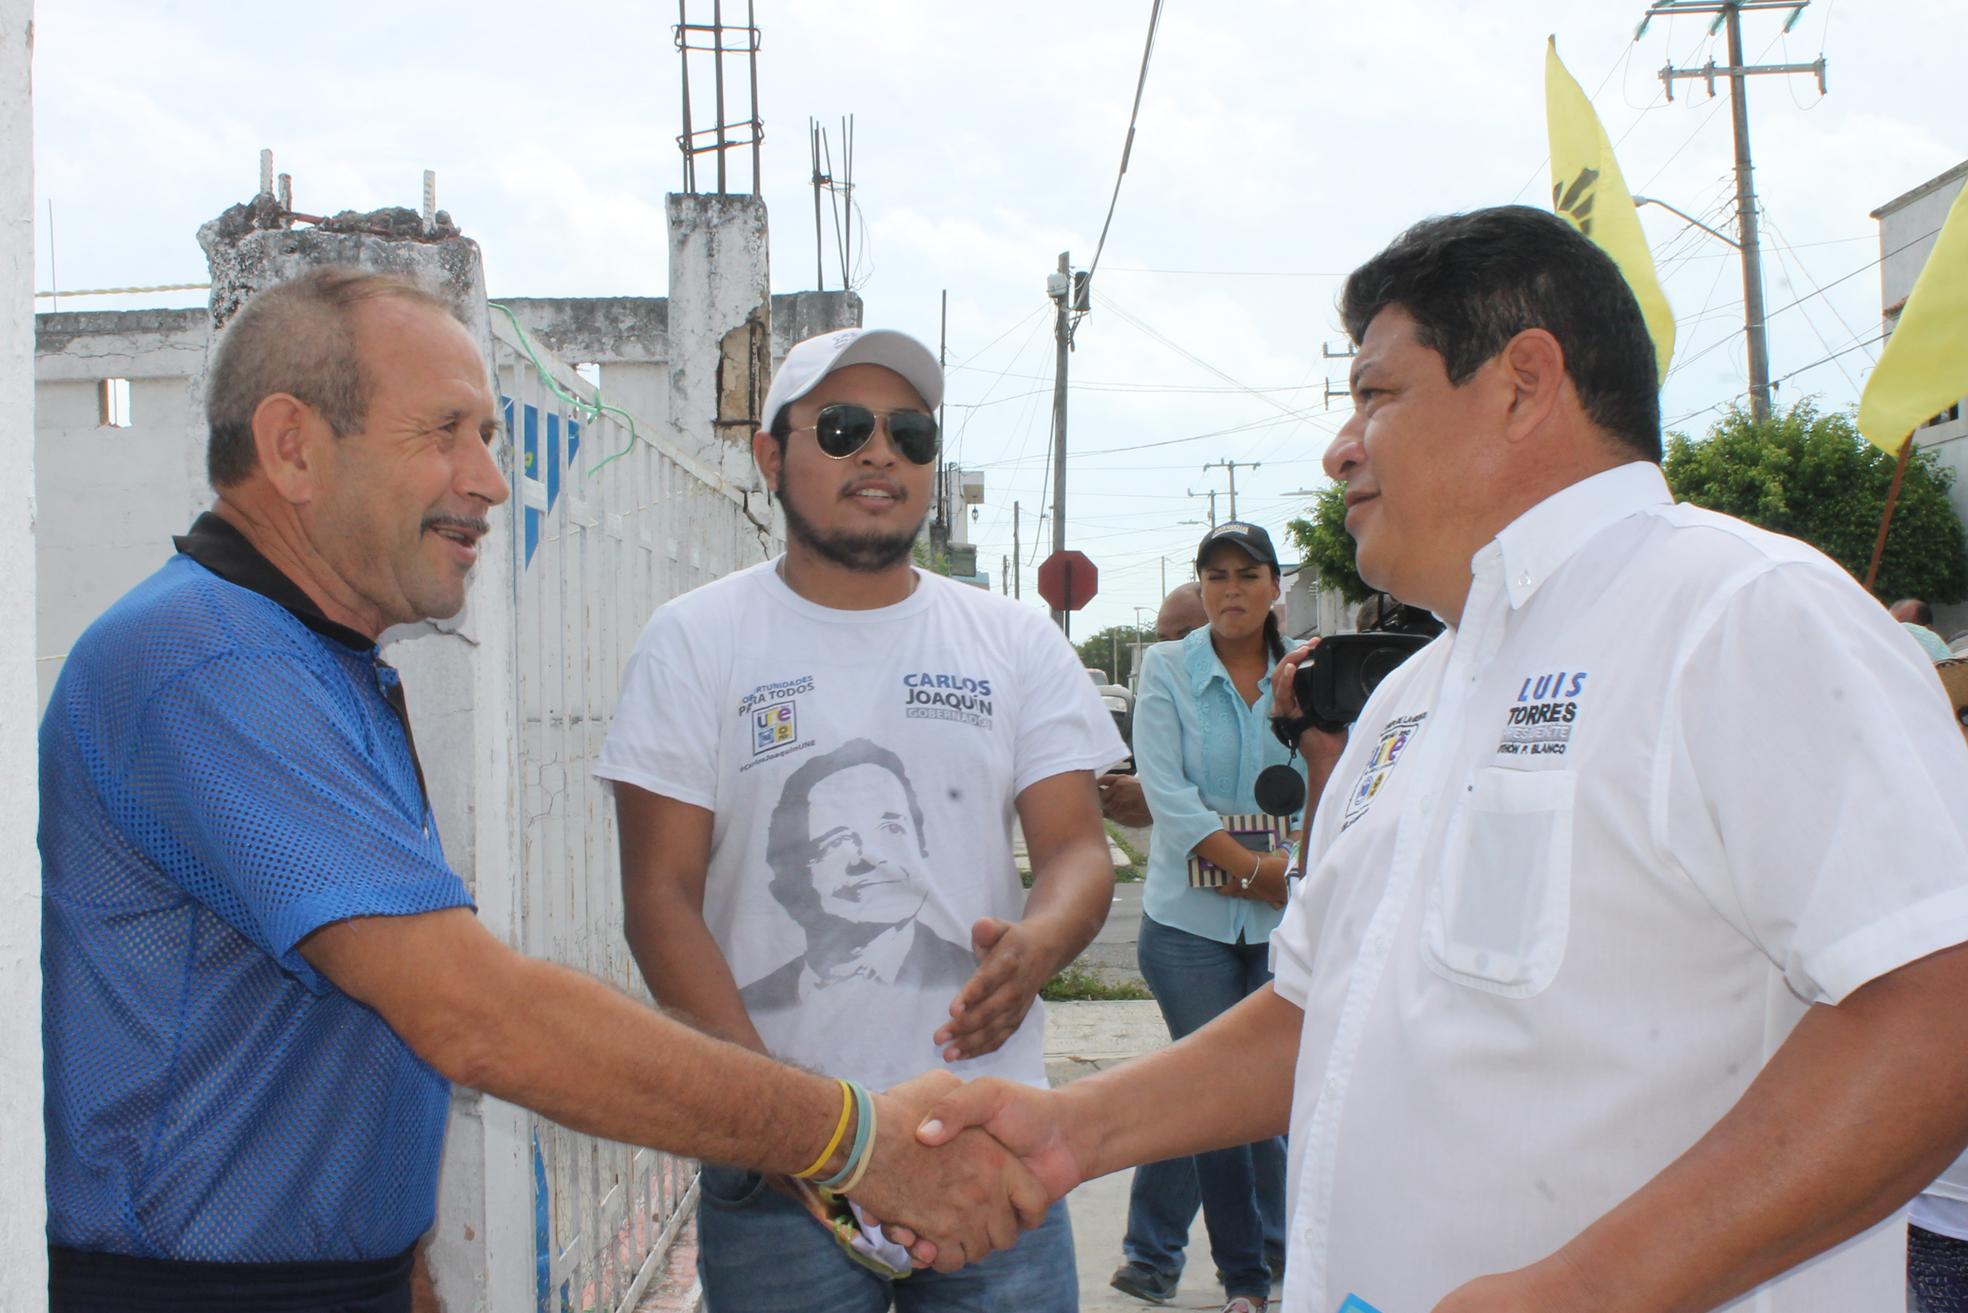 CHETUMAL LA PALANCA DE DESARROLLO PARA EL SUR: Dice Luis Torres que hay que potencializar el recurso de cada región para llevar progreso